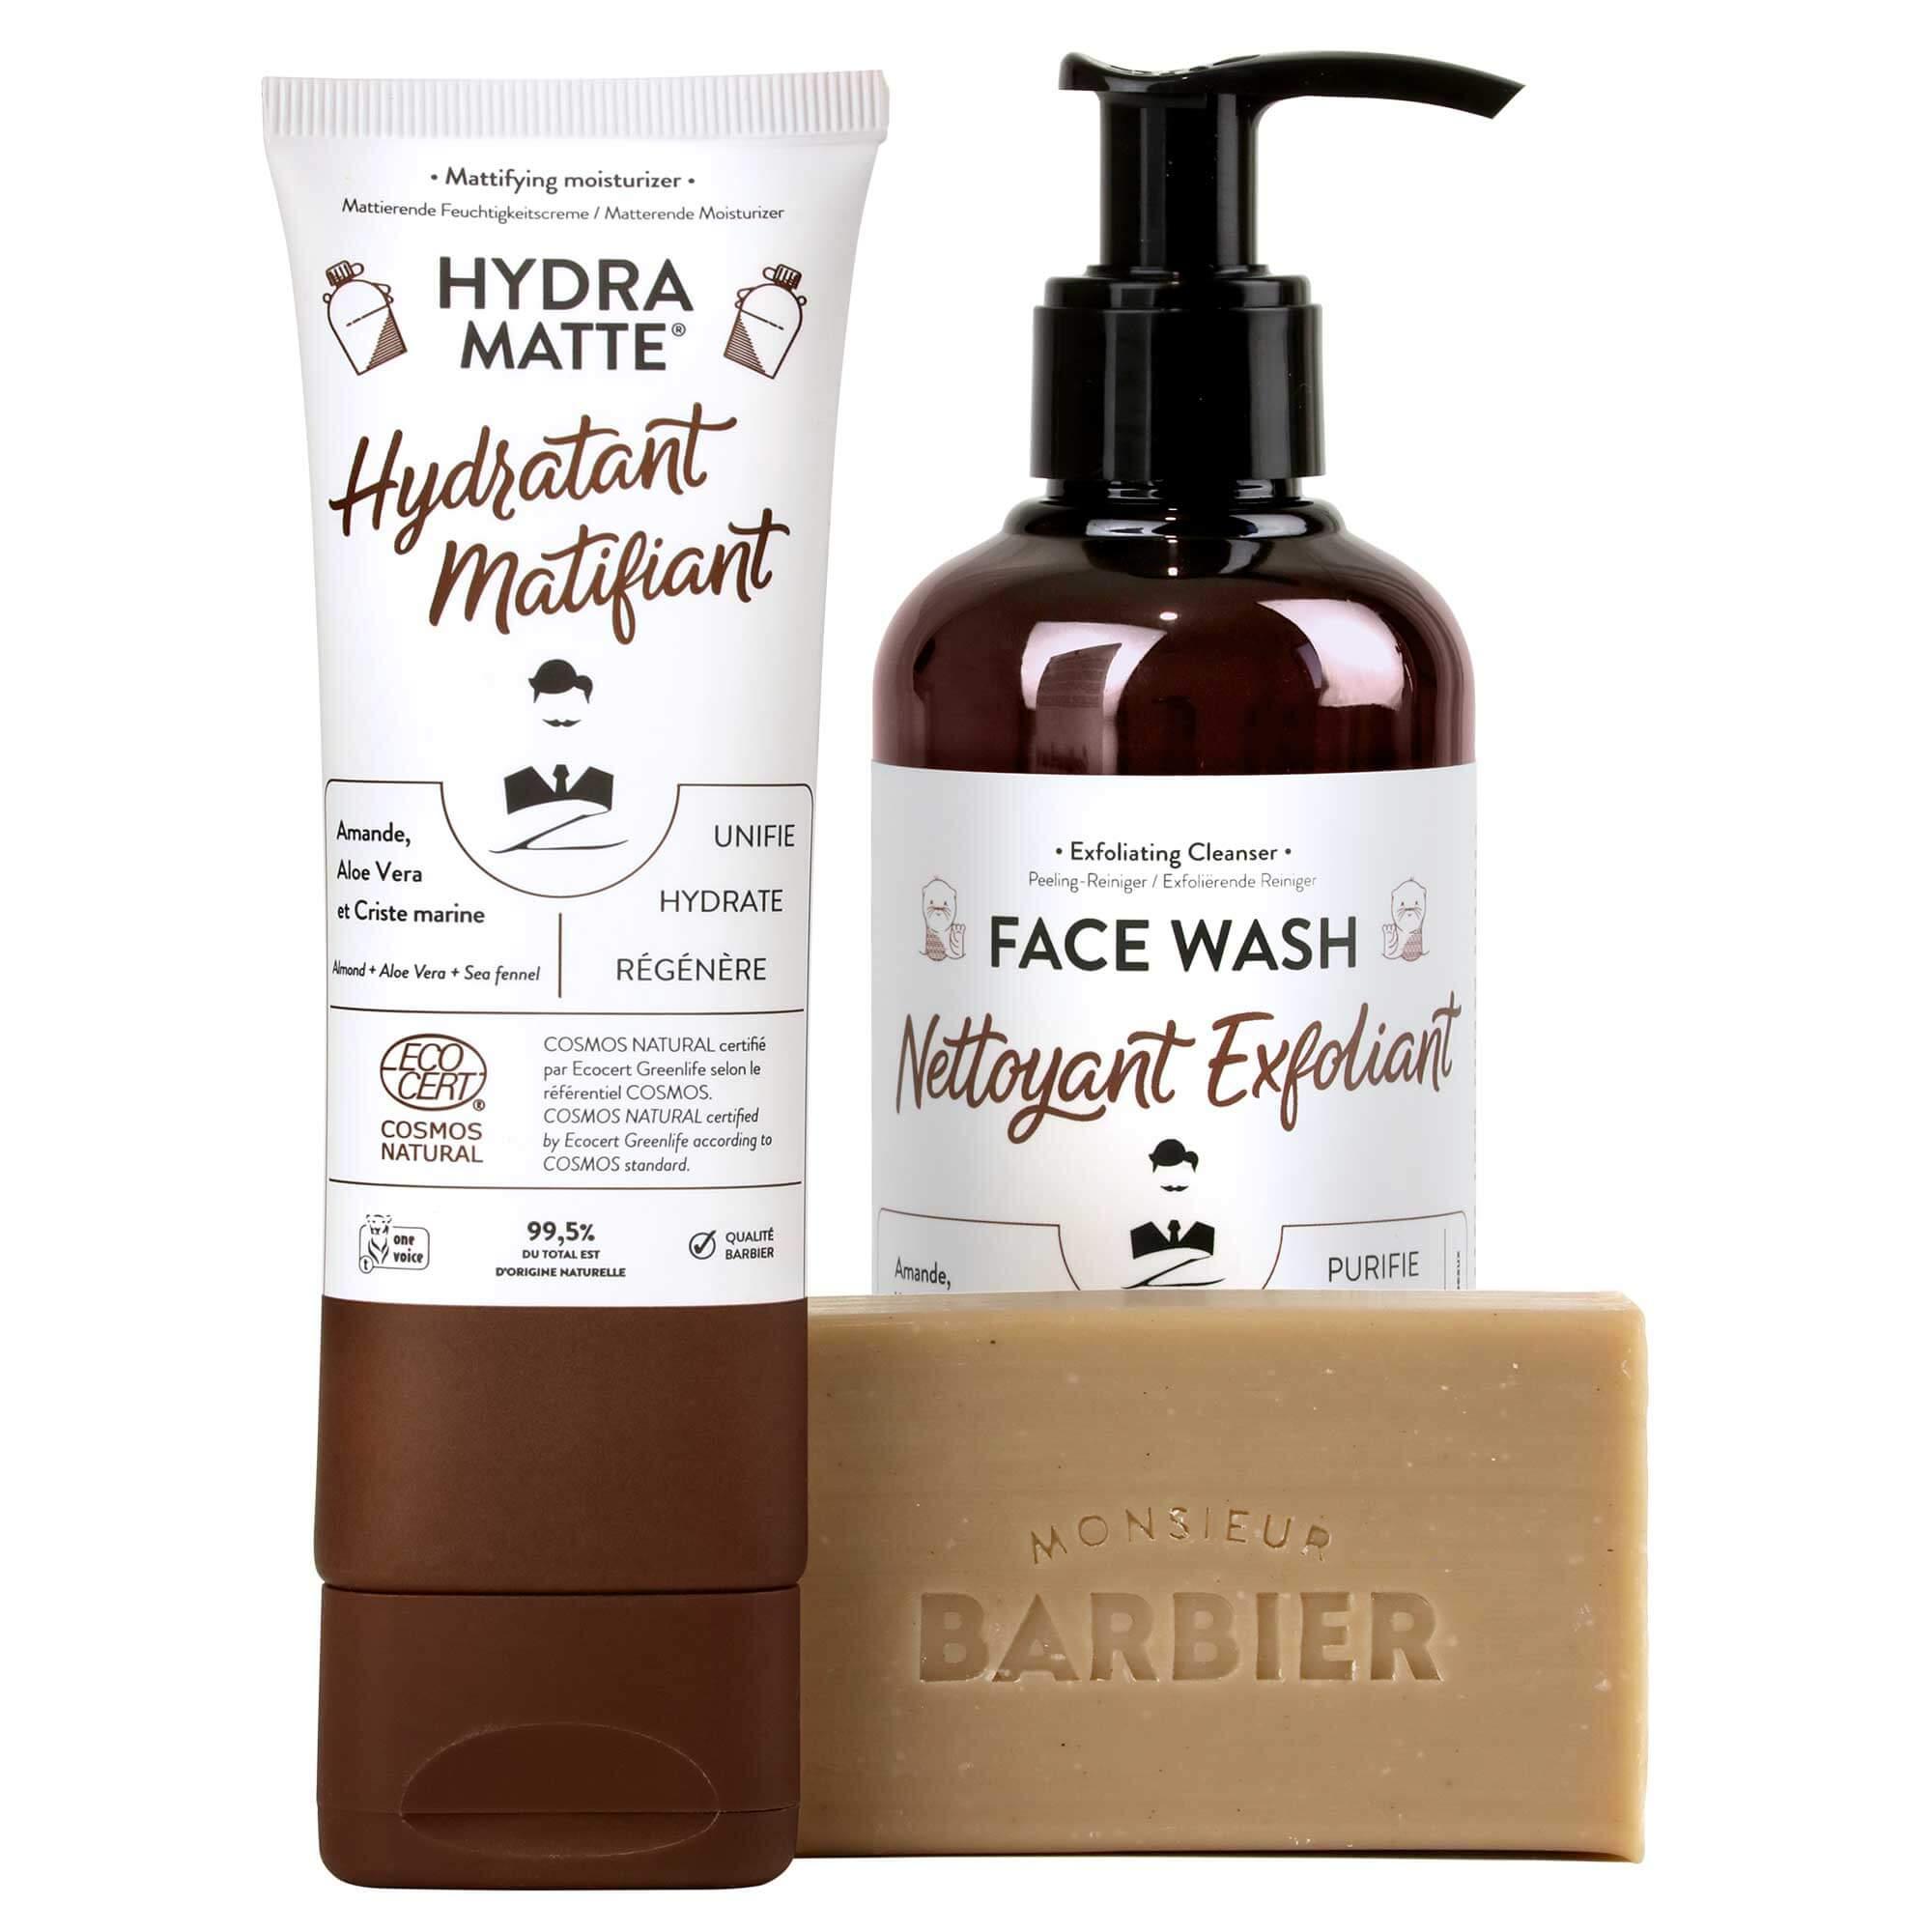 The Happy Face Box Monsieur Barbier